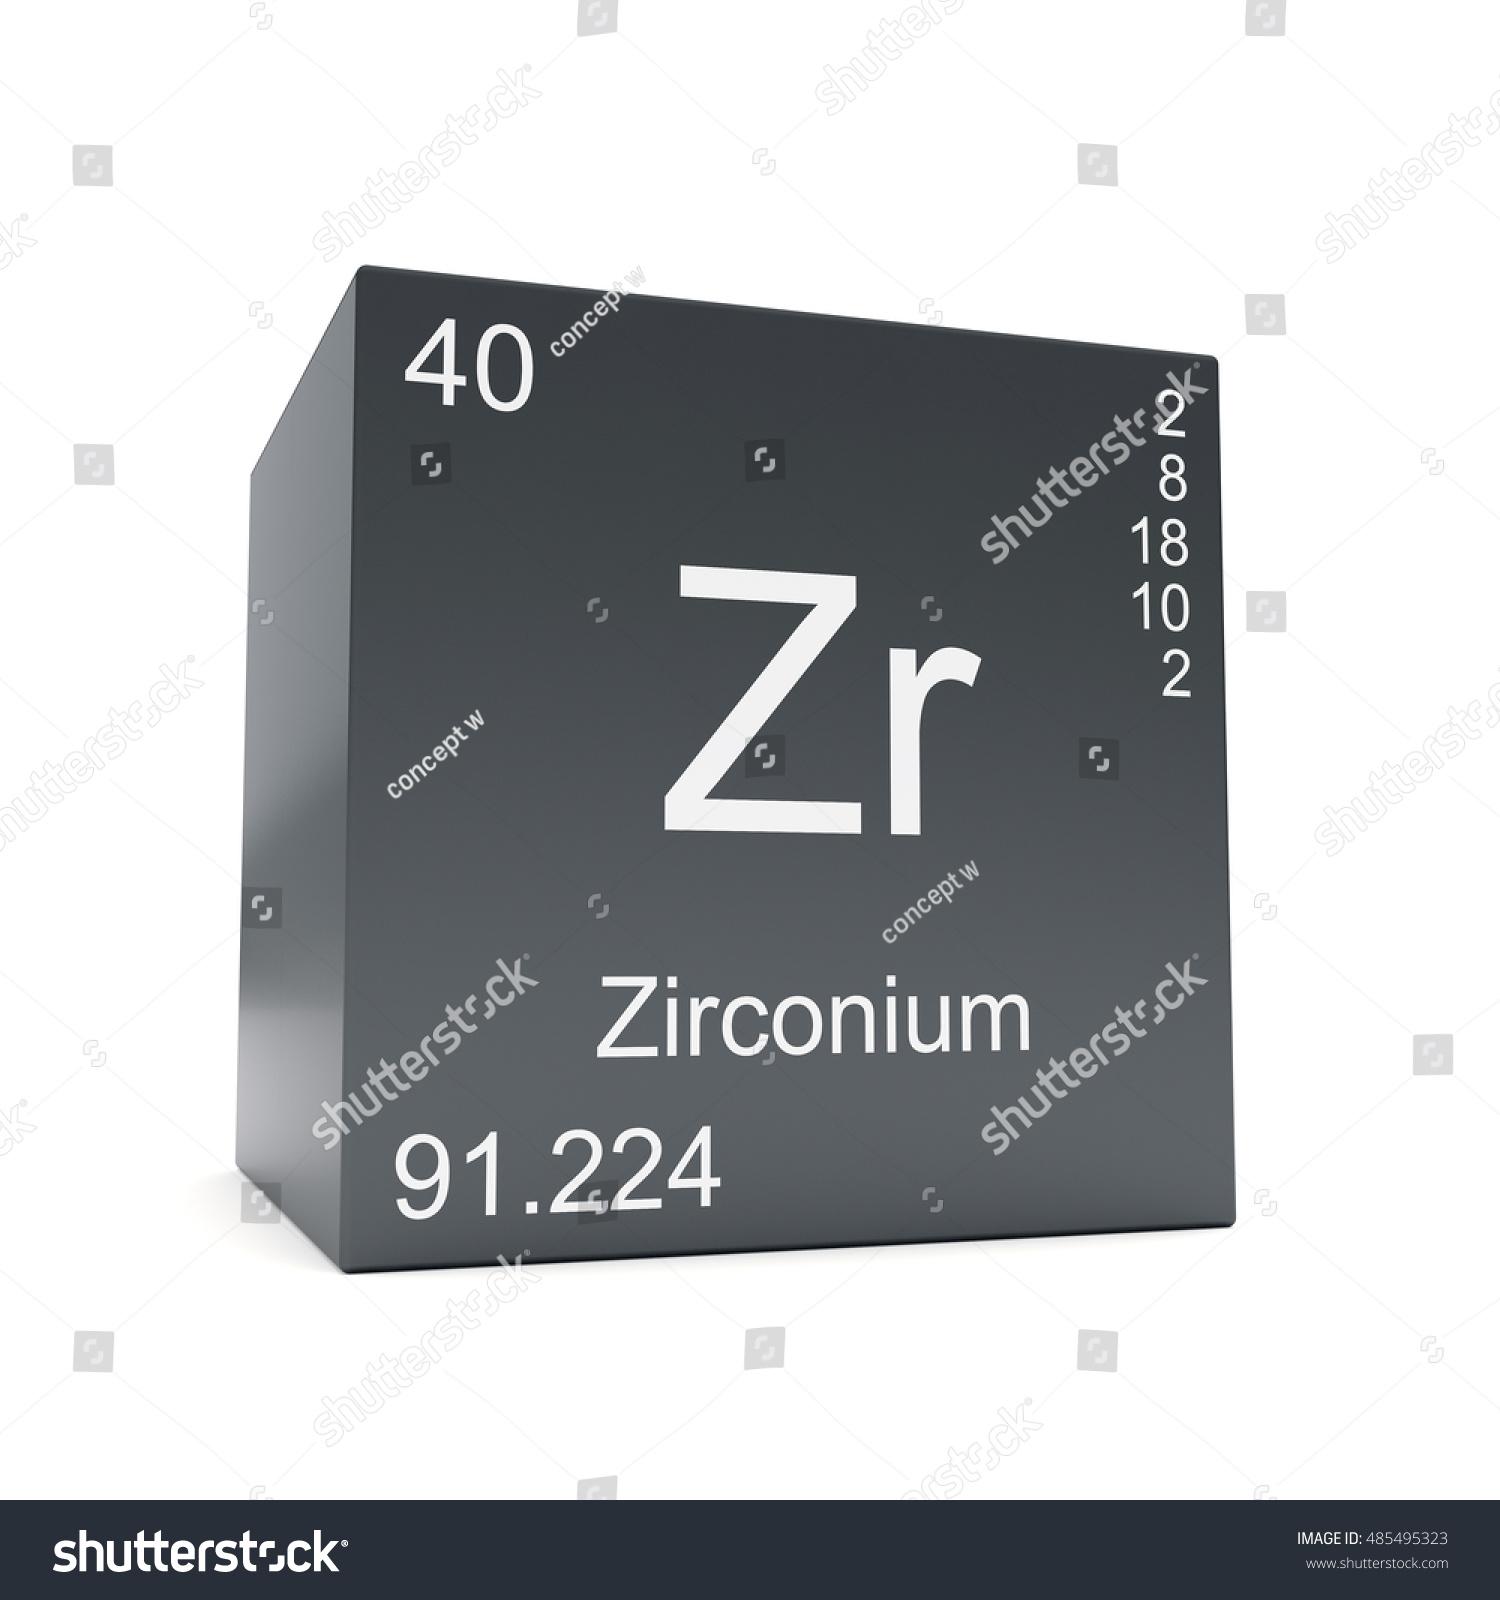 Zirconium symbol periodic table gallery periodic table images zirconium zr chemical element periodic venn diagram symbols create zirconium chemical element symbol periodic table stock gamestrikefo Images